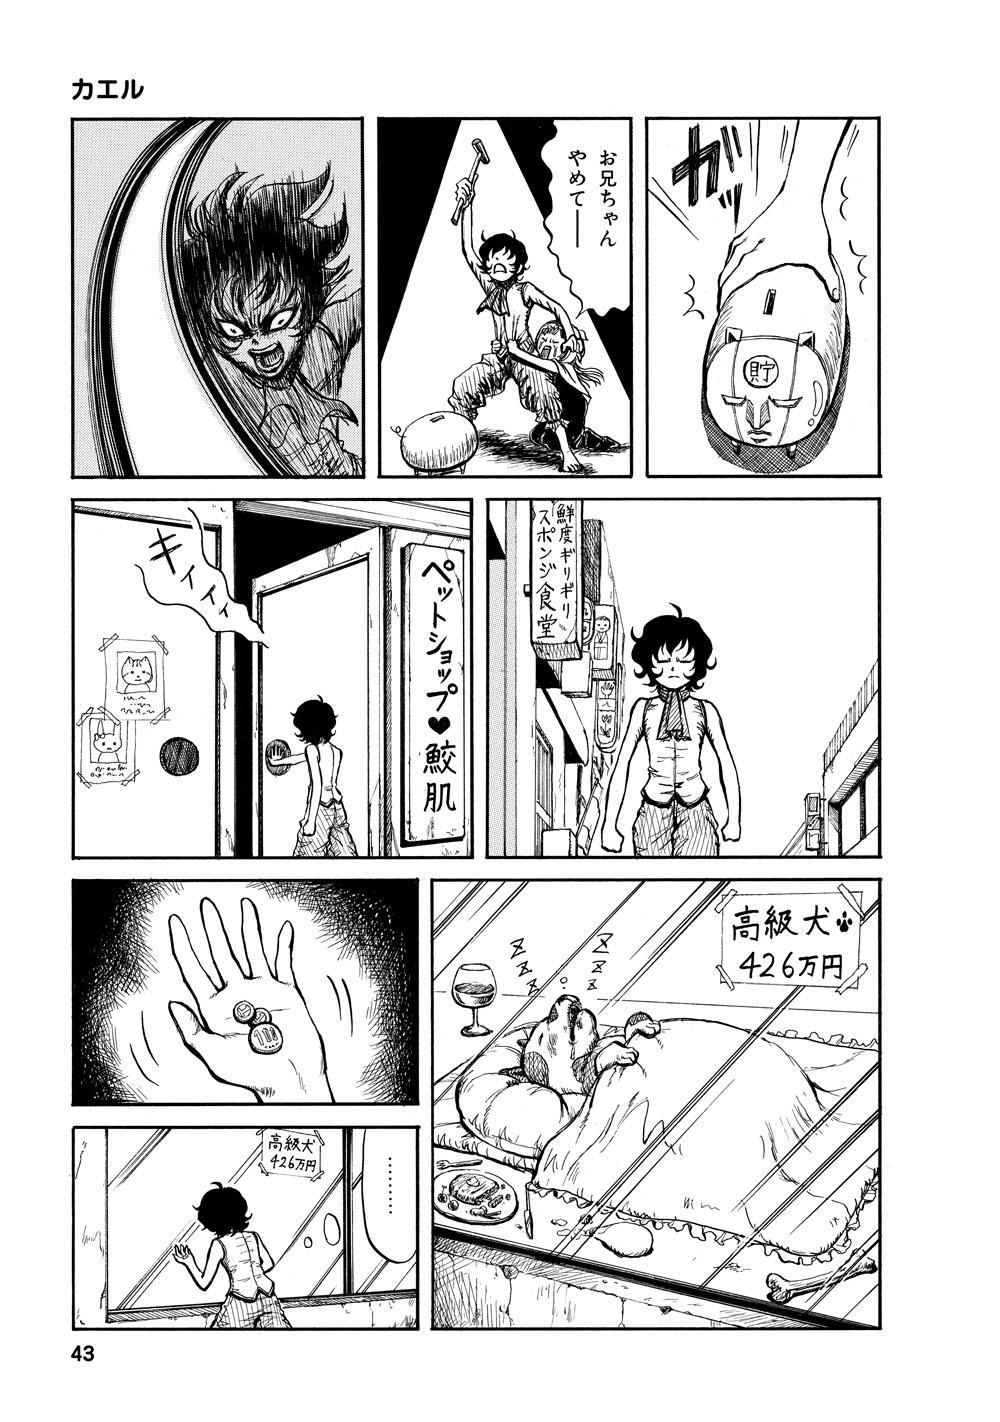 未知庵1_043.jpg